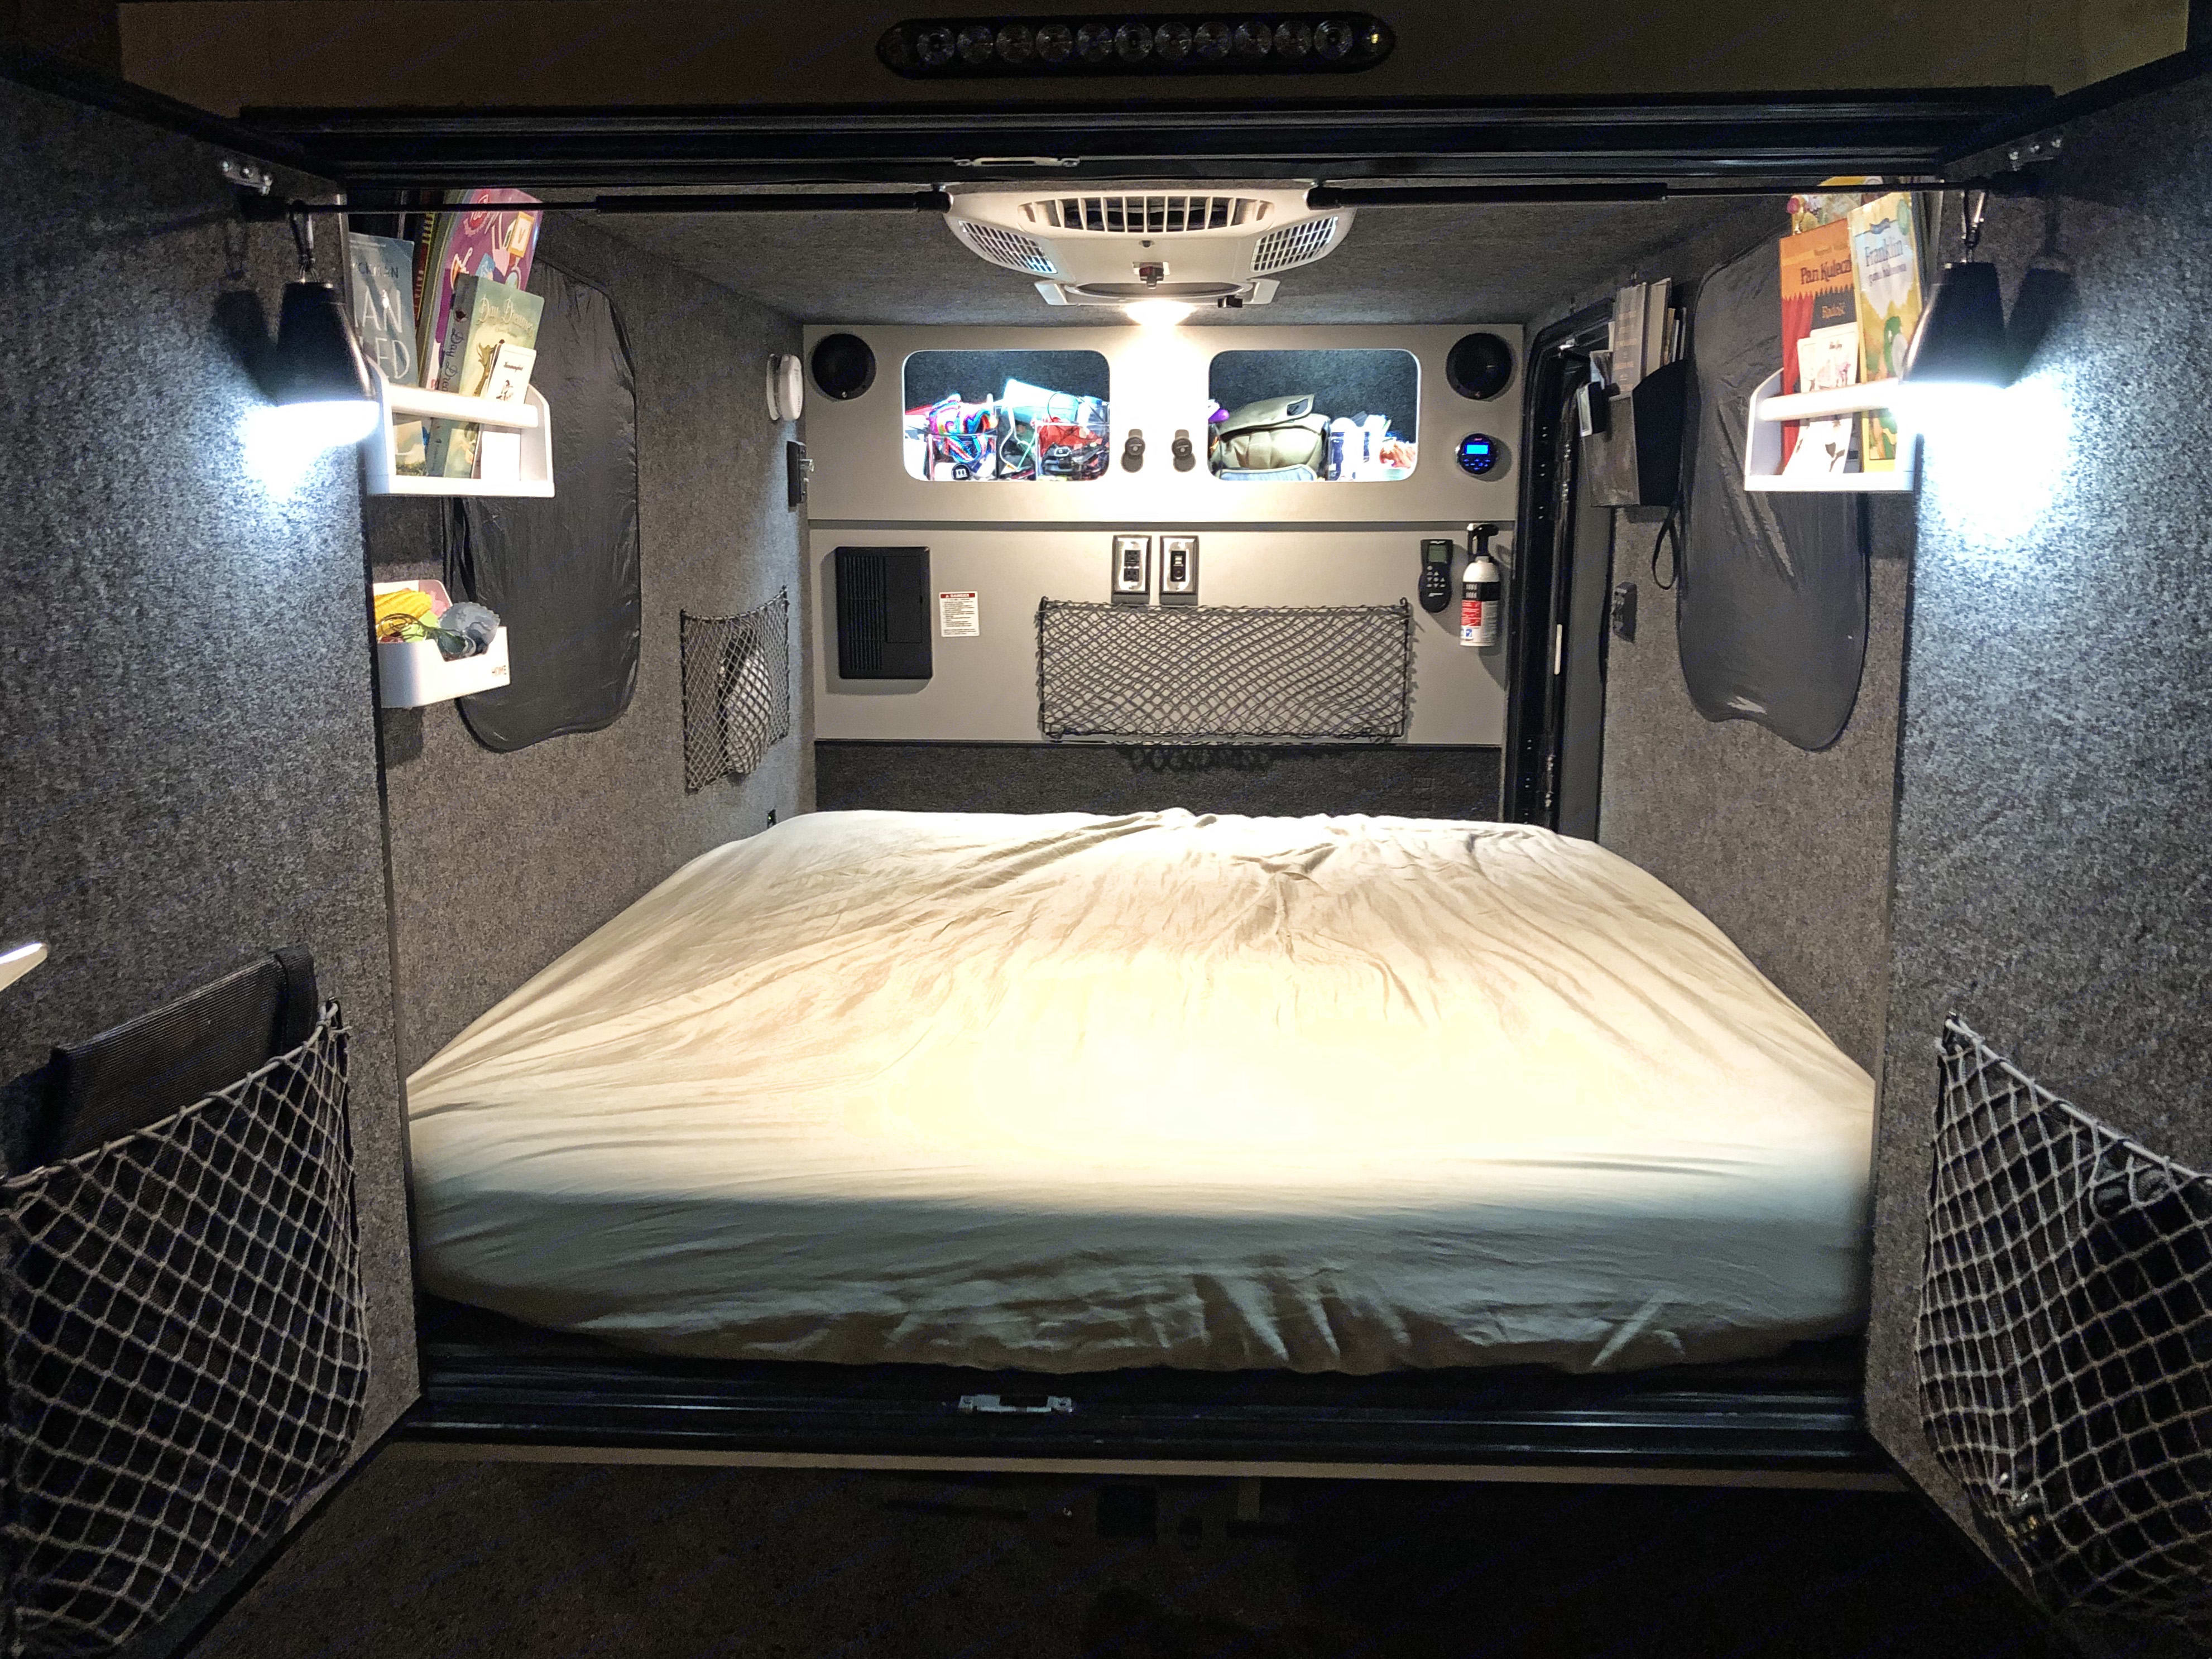 Cozy interior. InTech RV Flyer Pursue 2018